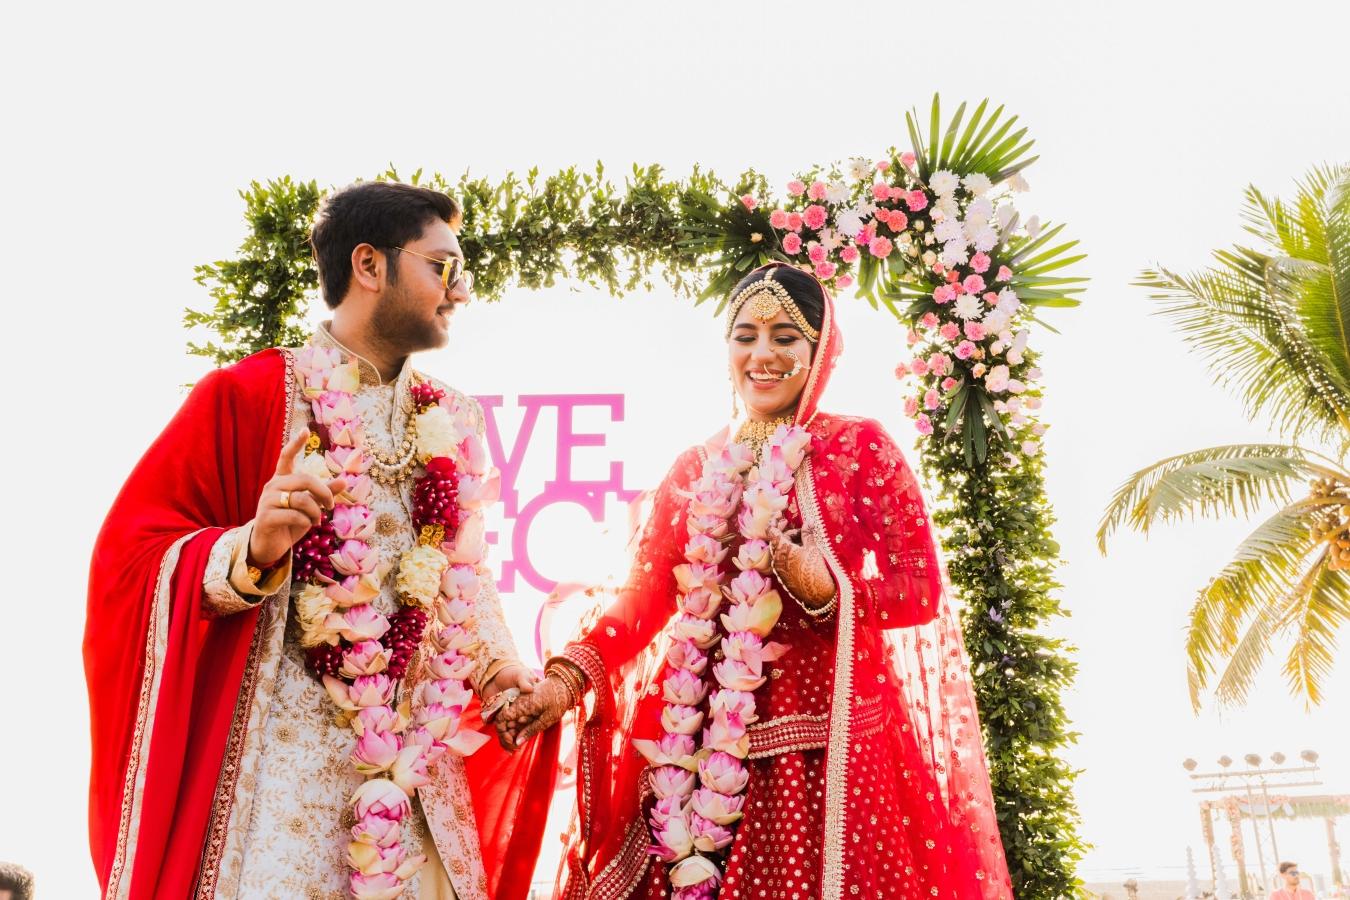 Biggest Destination Wedding Planned in GOA